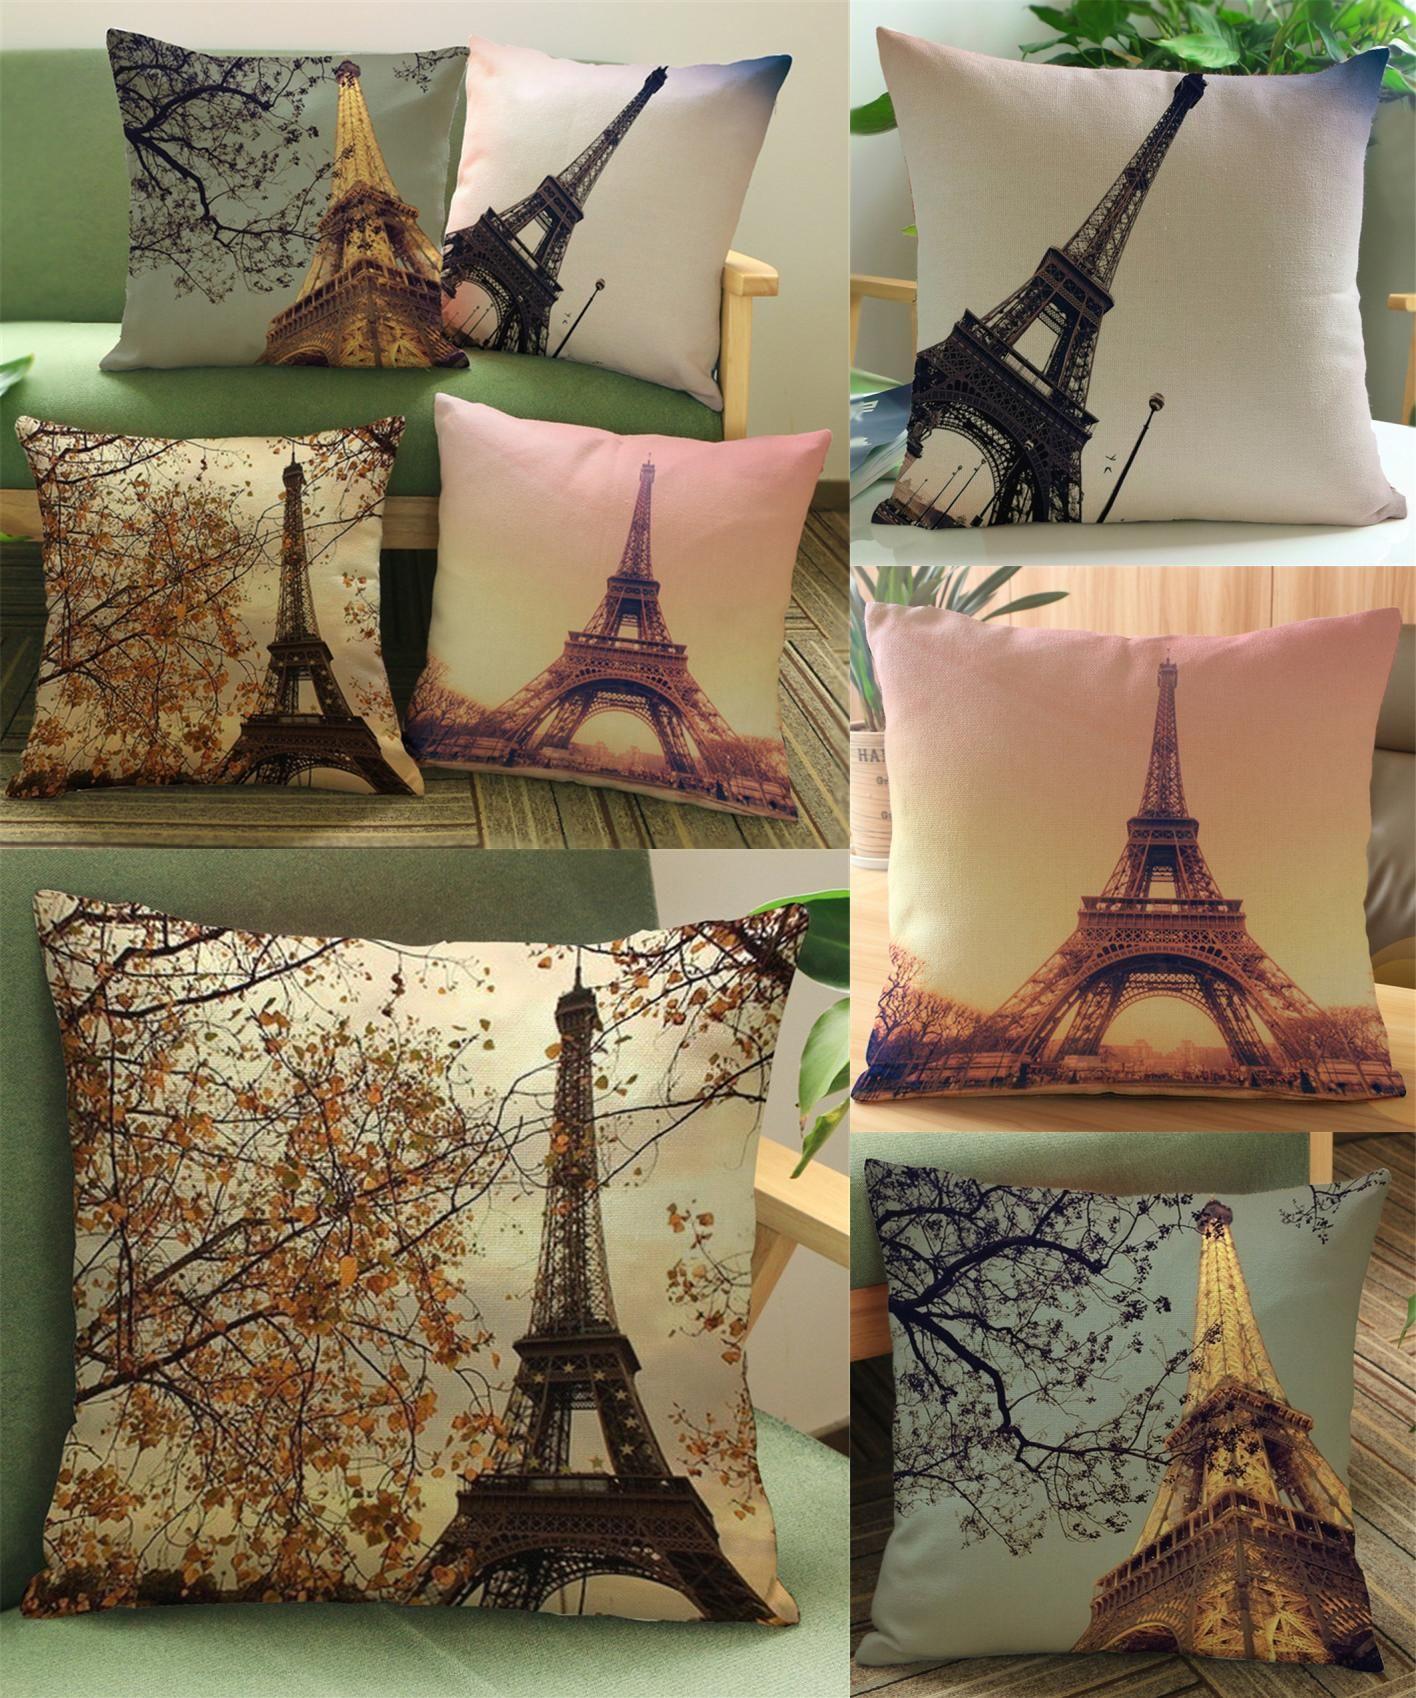 Visit to Buy] Vintage Style Romantic France Eiffel Tower Paris